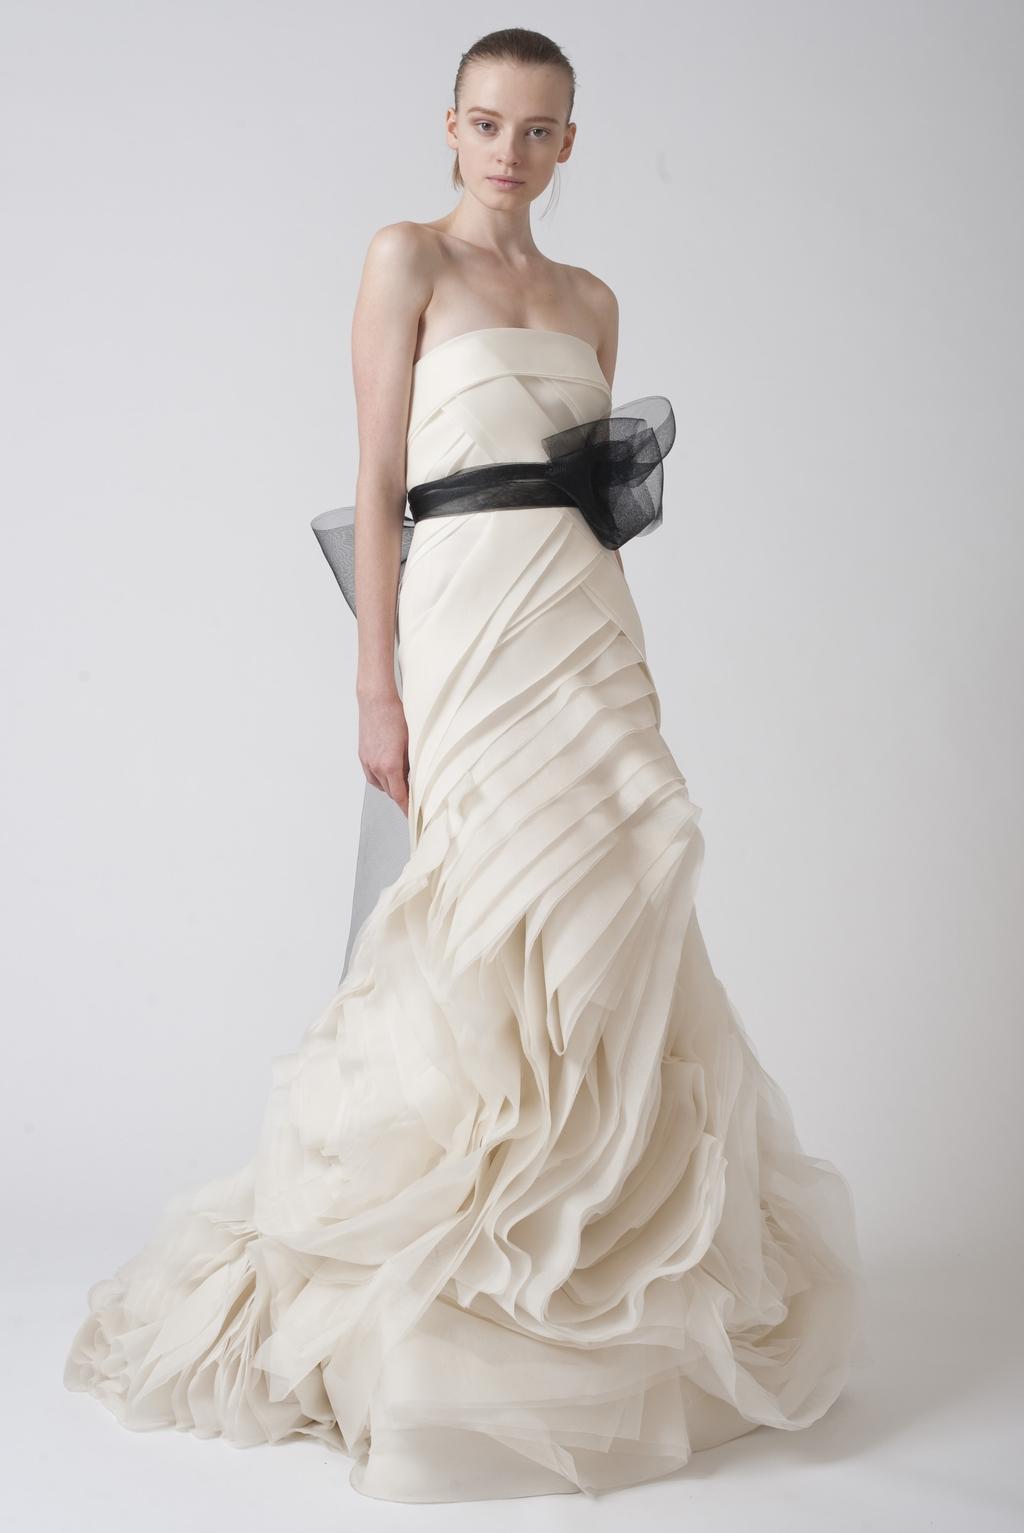 Vera-wang-wedding-dresses-fall-2010-8.full